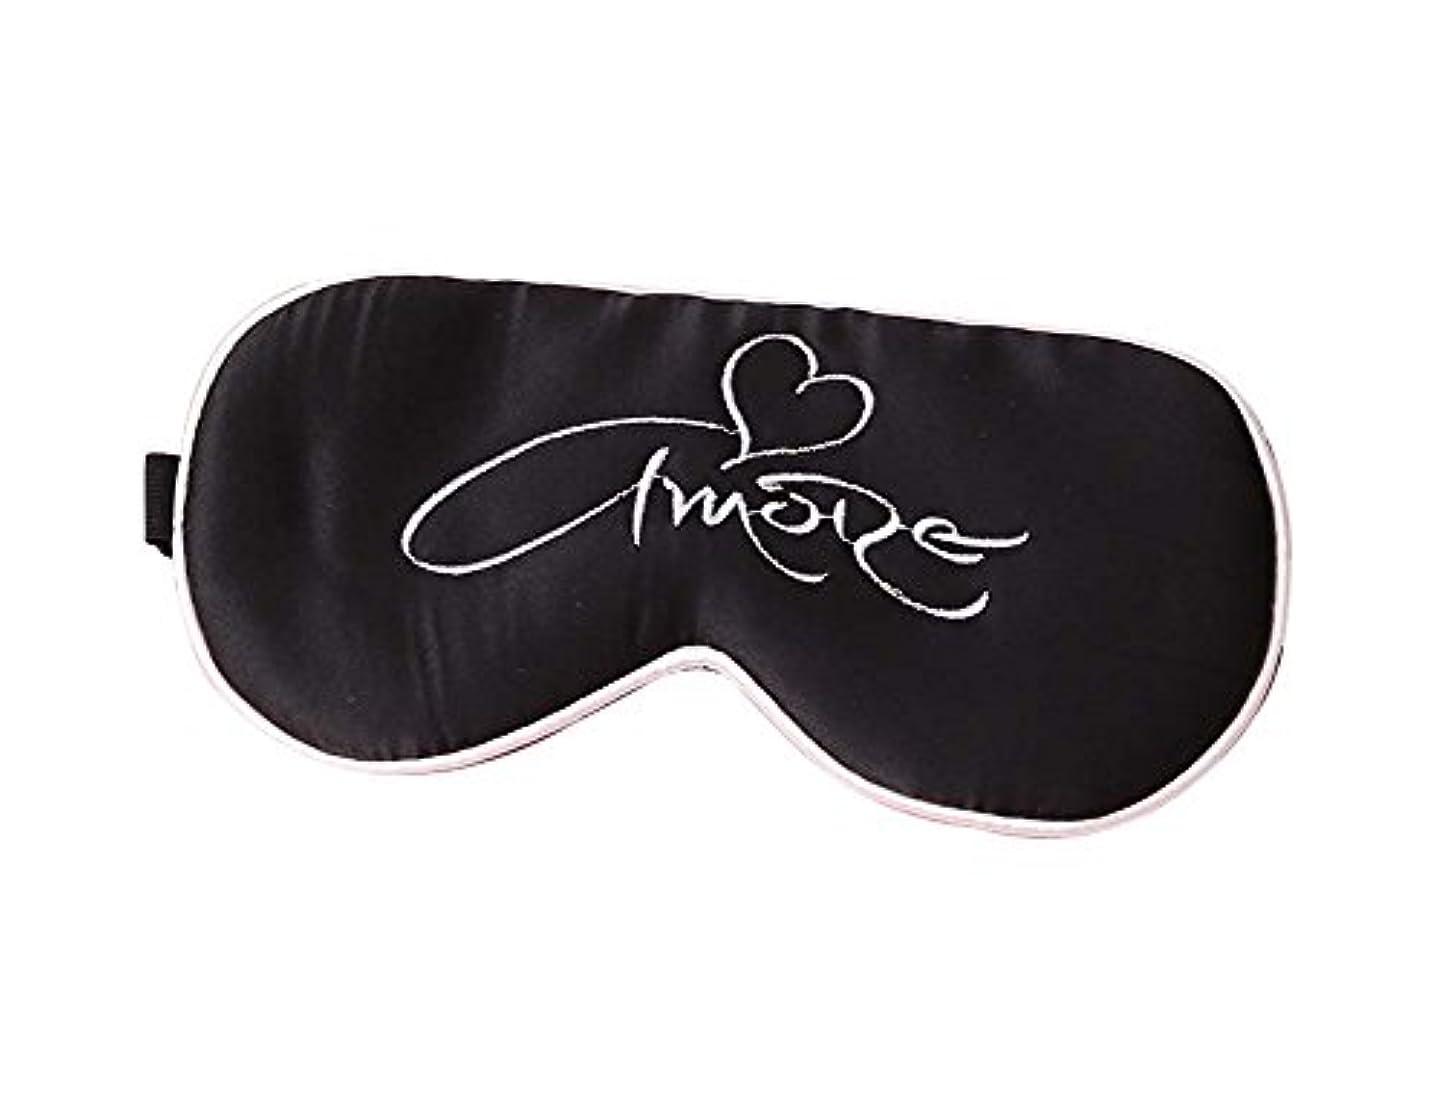 サスティーンプレビュー鬼ごっこ黒い刺繍睡眠のアイマスクシルク快適なアイカバー通気性のアイシェード